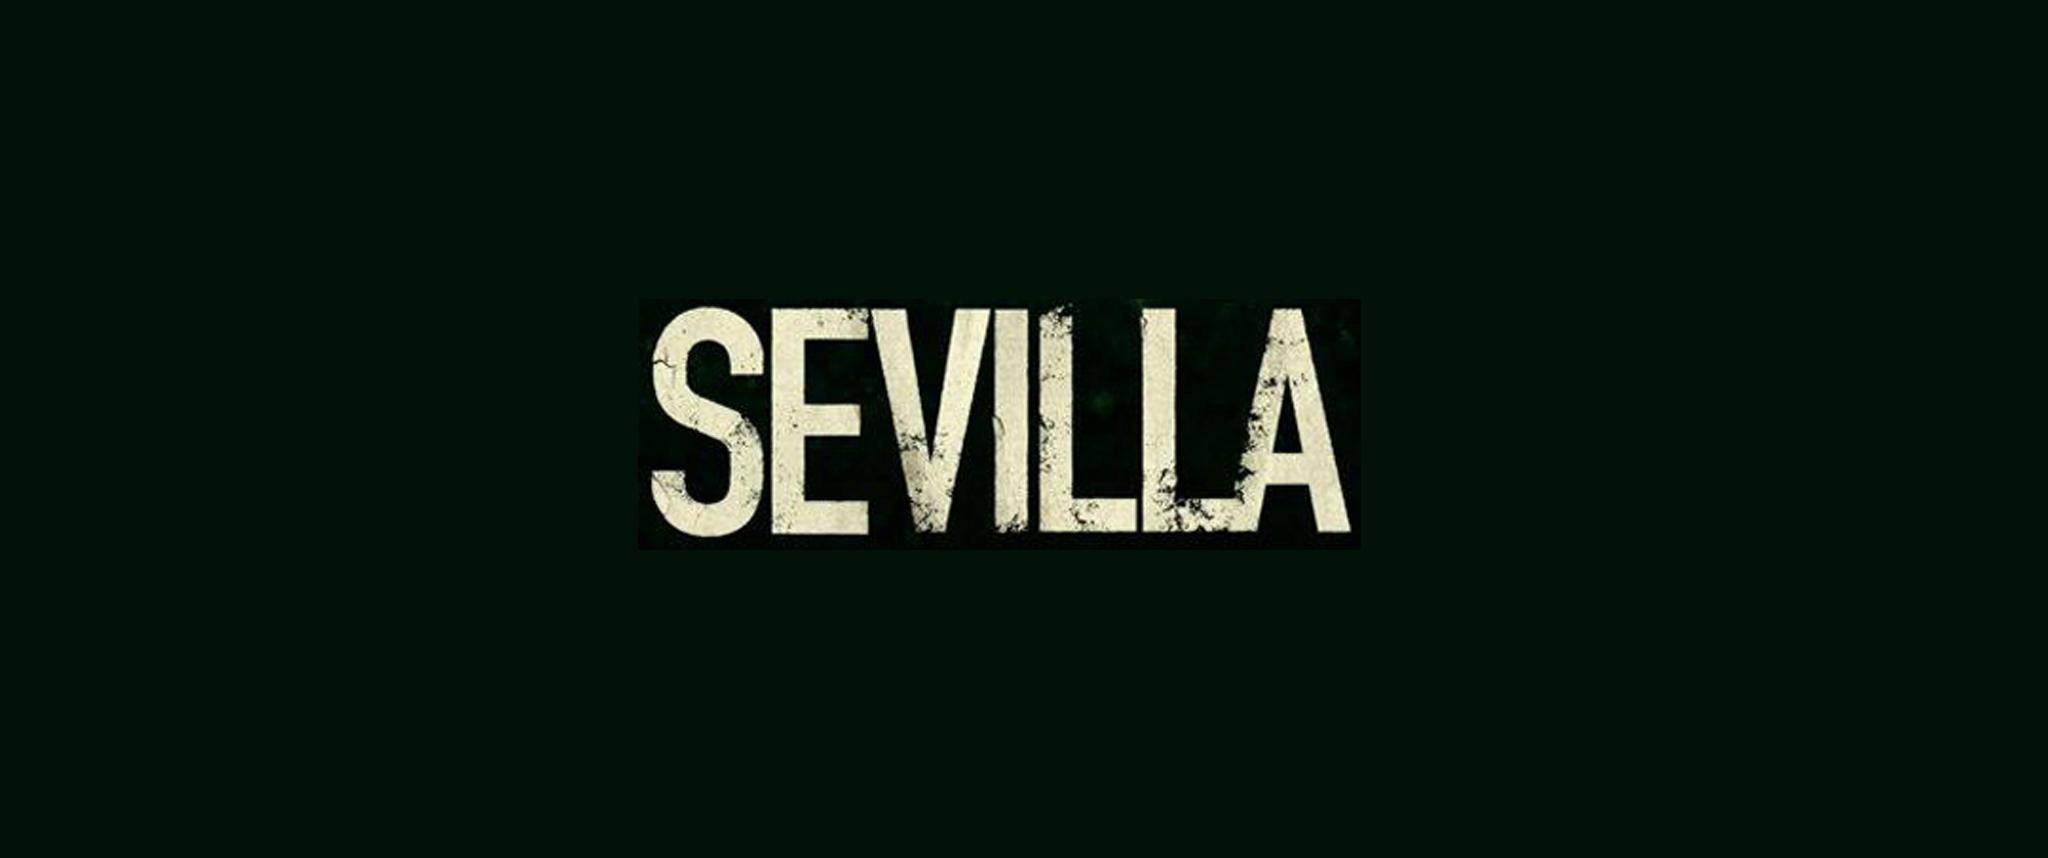 Sevilla  [ Baldr Film ]